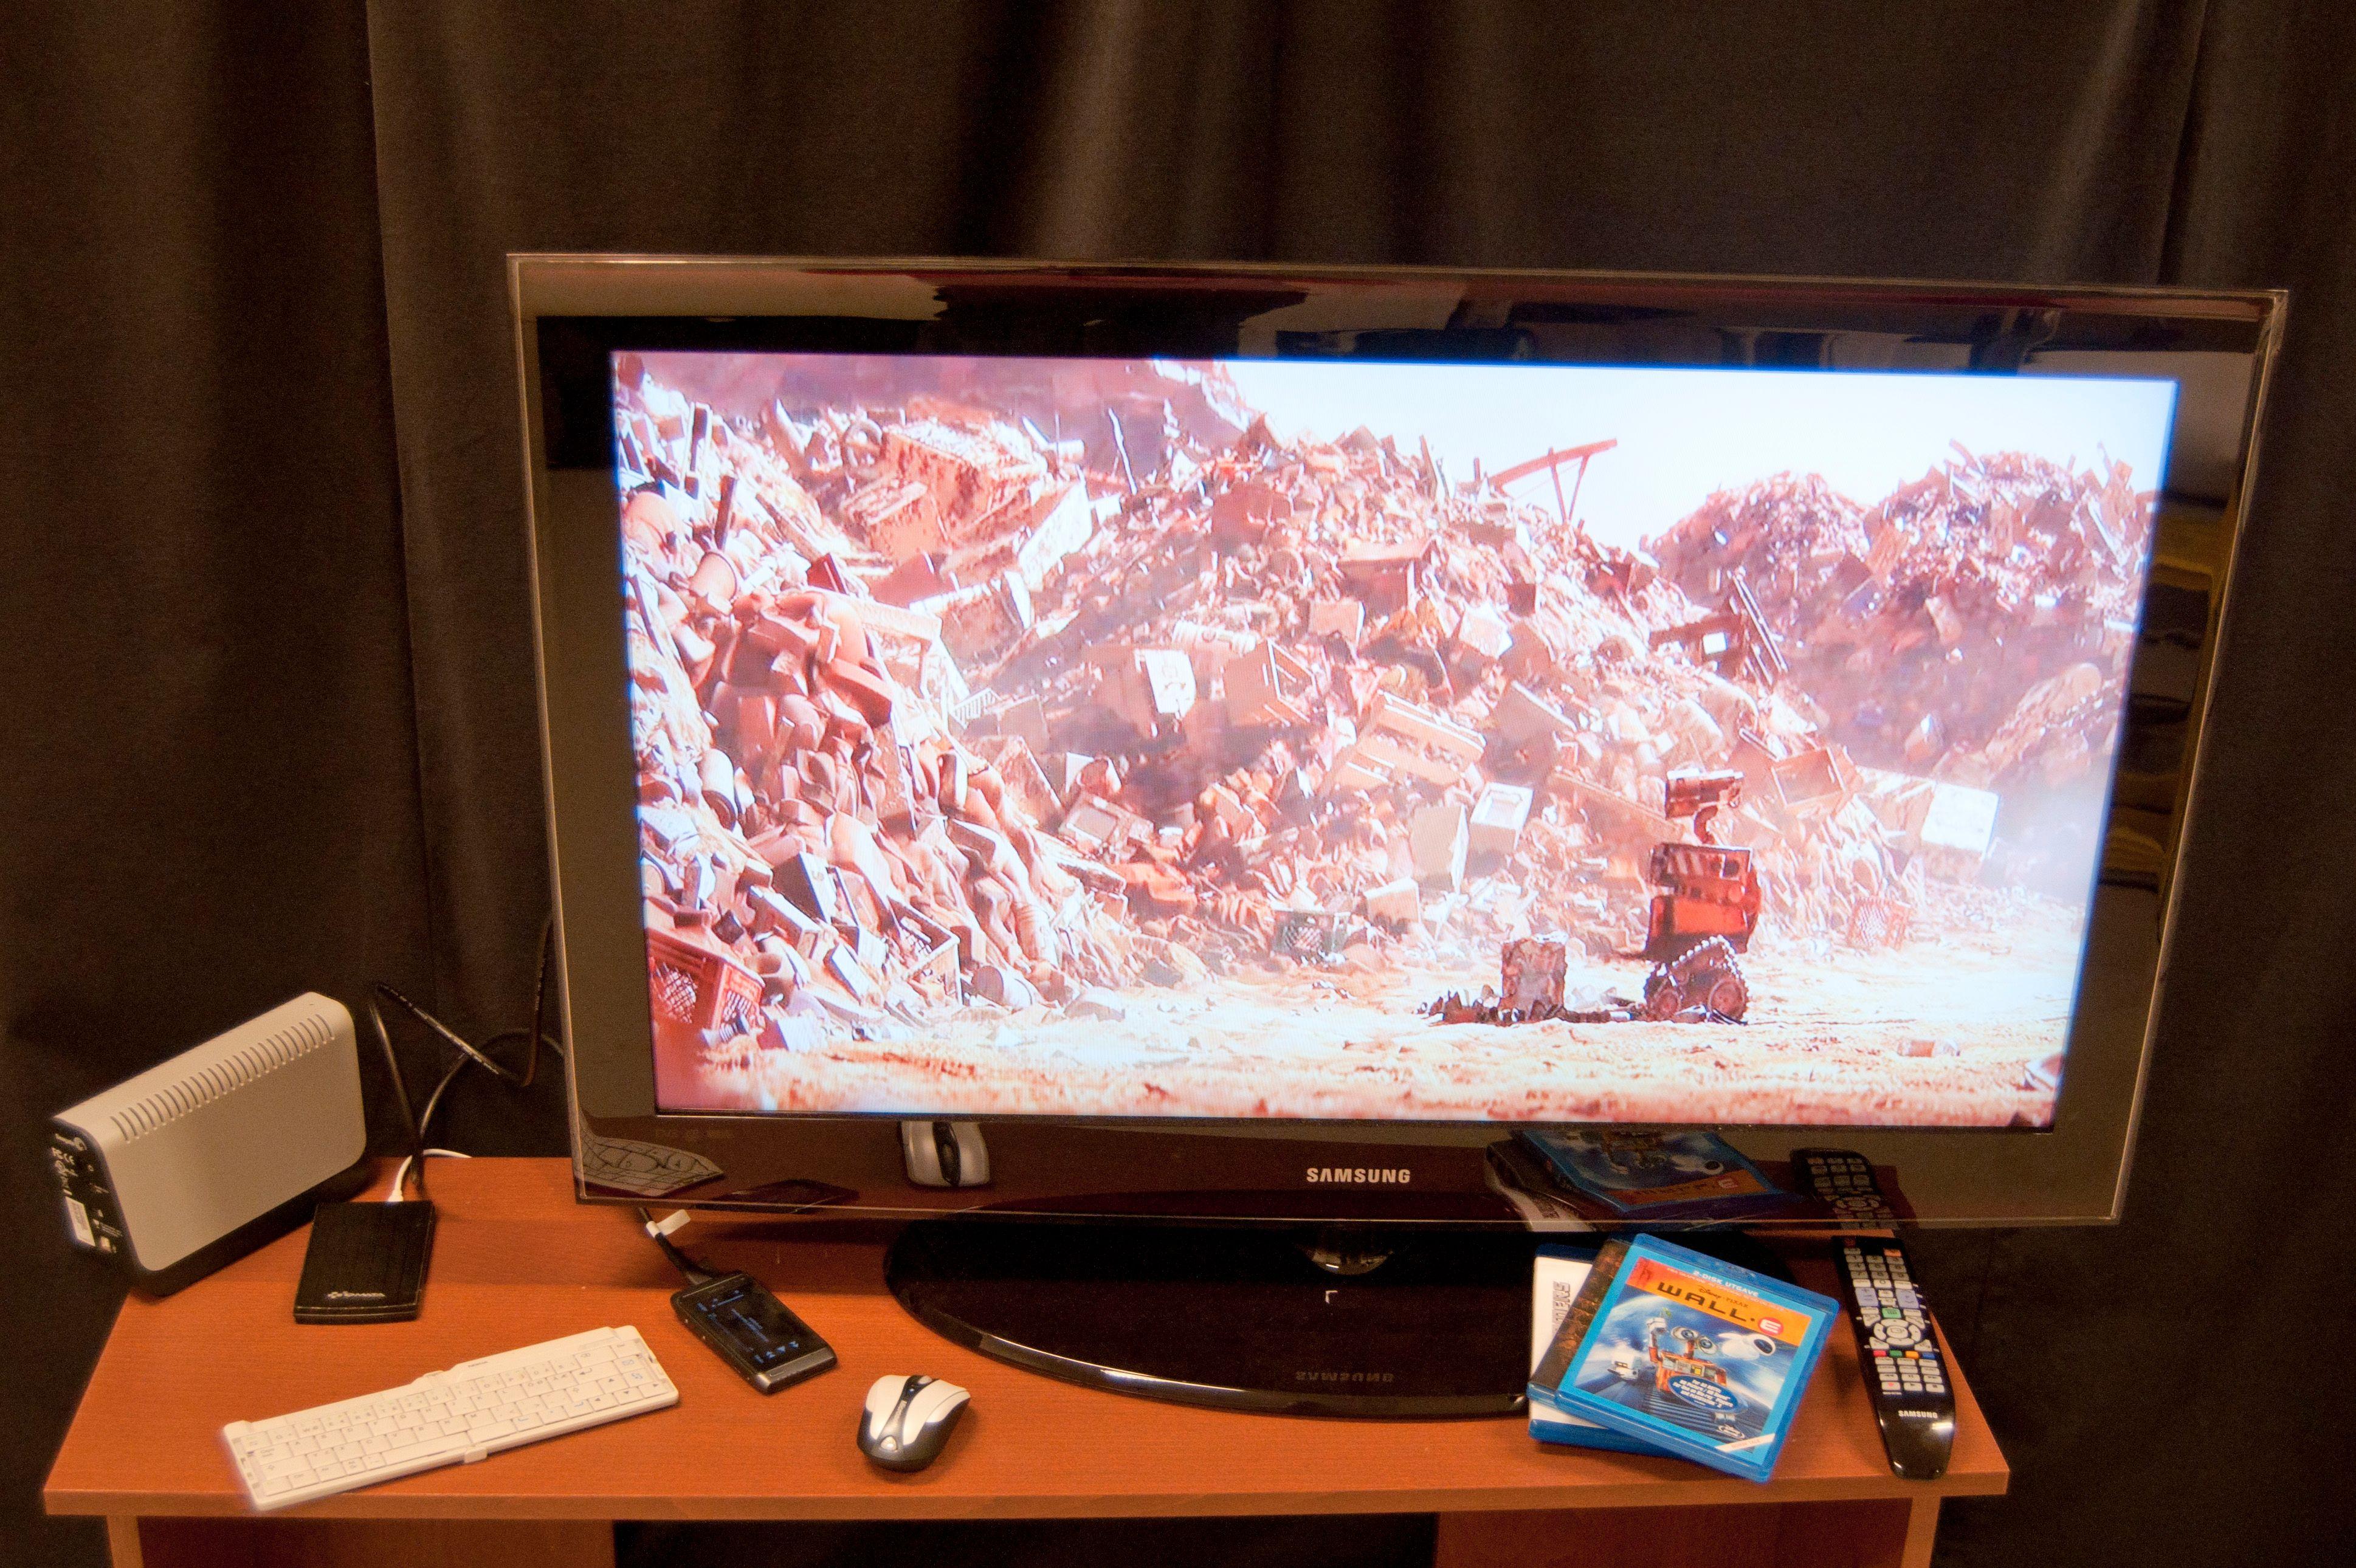 Med trådløst tastatur eller mus kan N8 stå for filmkvelden, mens man har full kontroll fra sofakroken. Eksterne harddisker kan også brukes, men disse må ha egen strømforsyning.